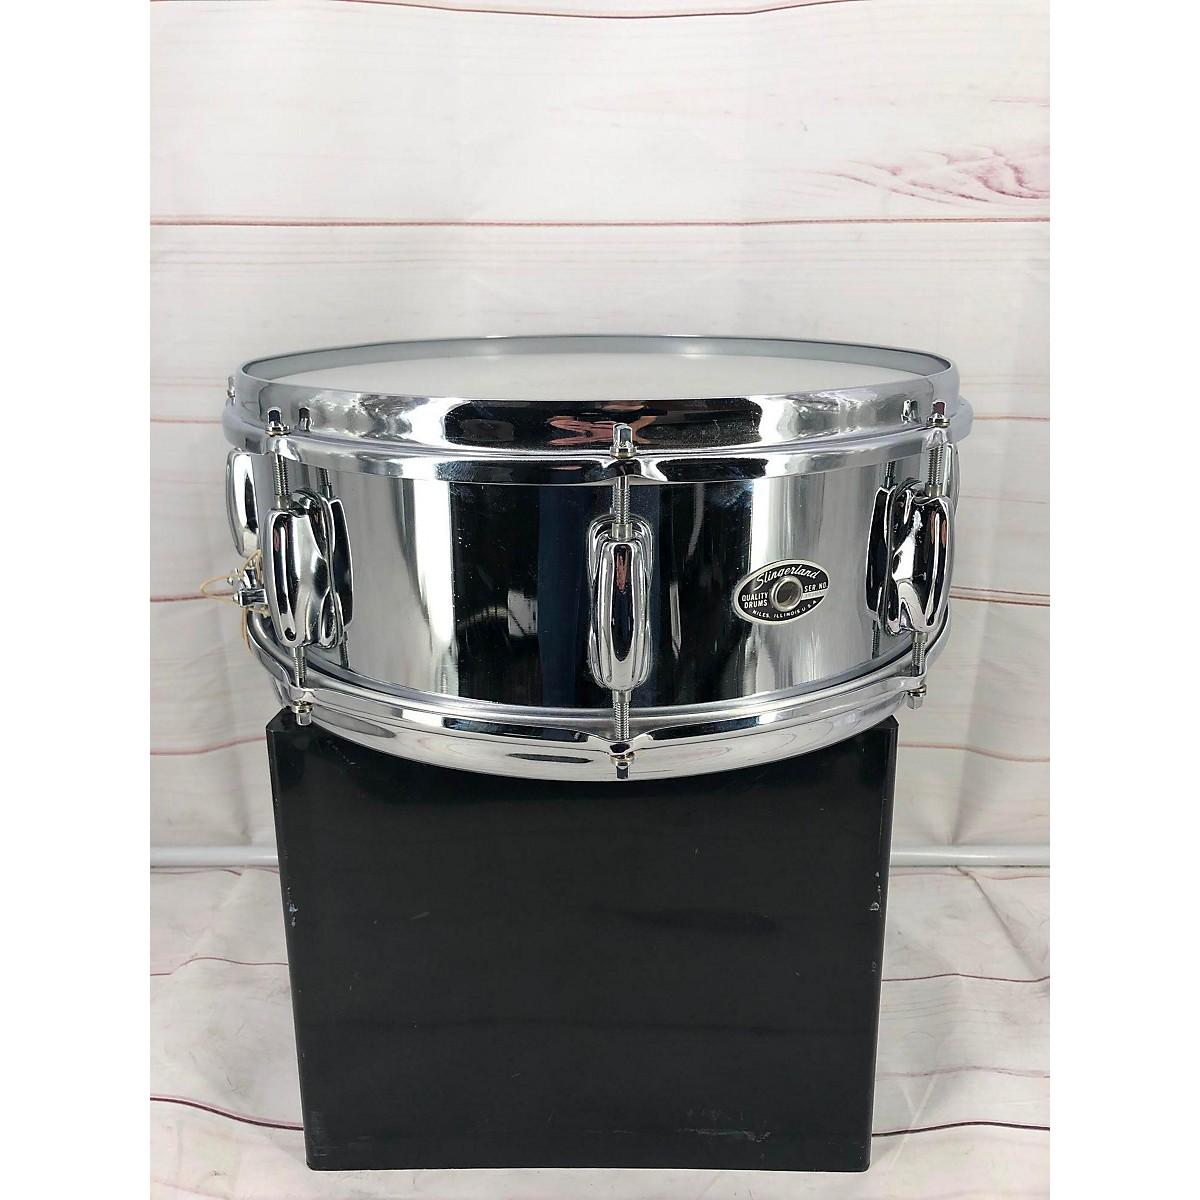 Slingerland 1970s 14X5.5 Radio King Chrome Over Steel Drum